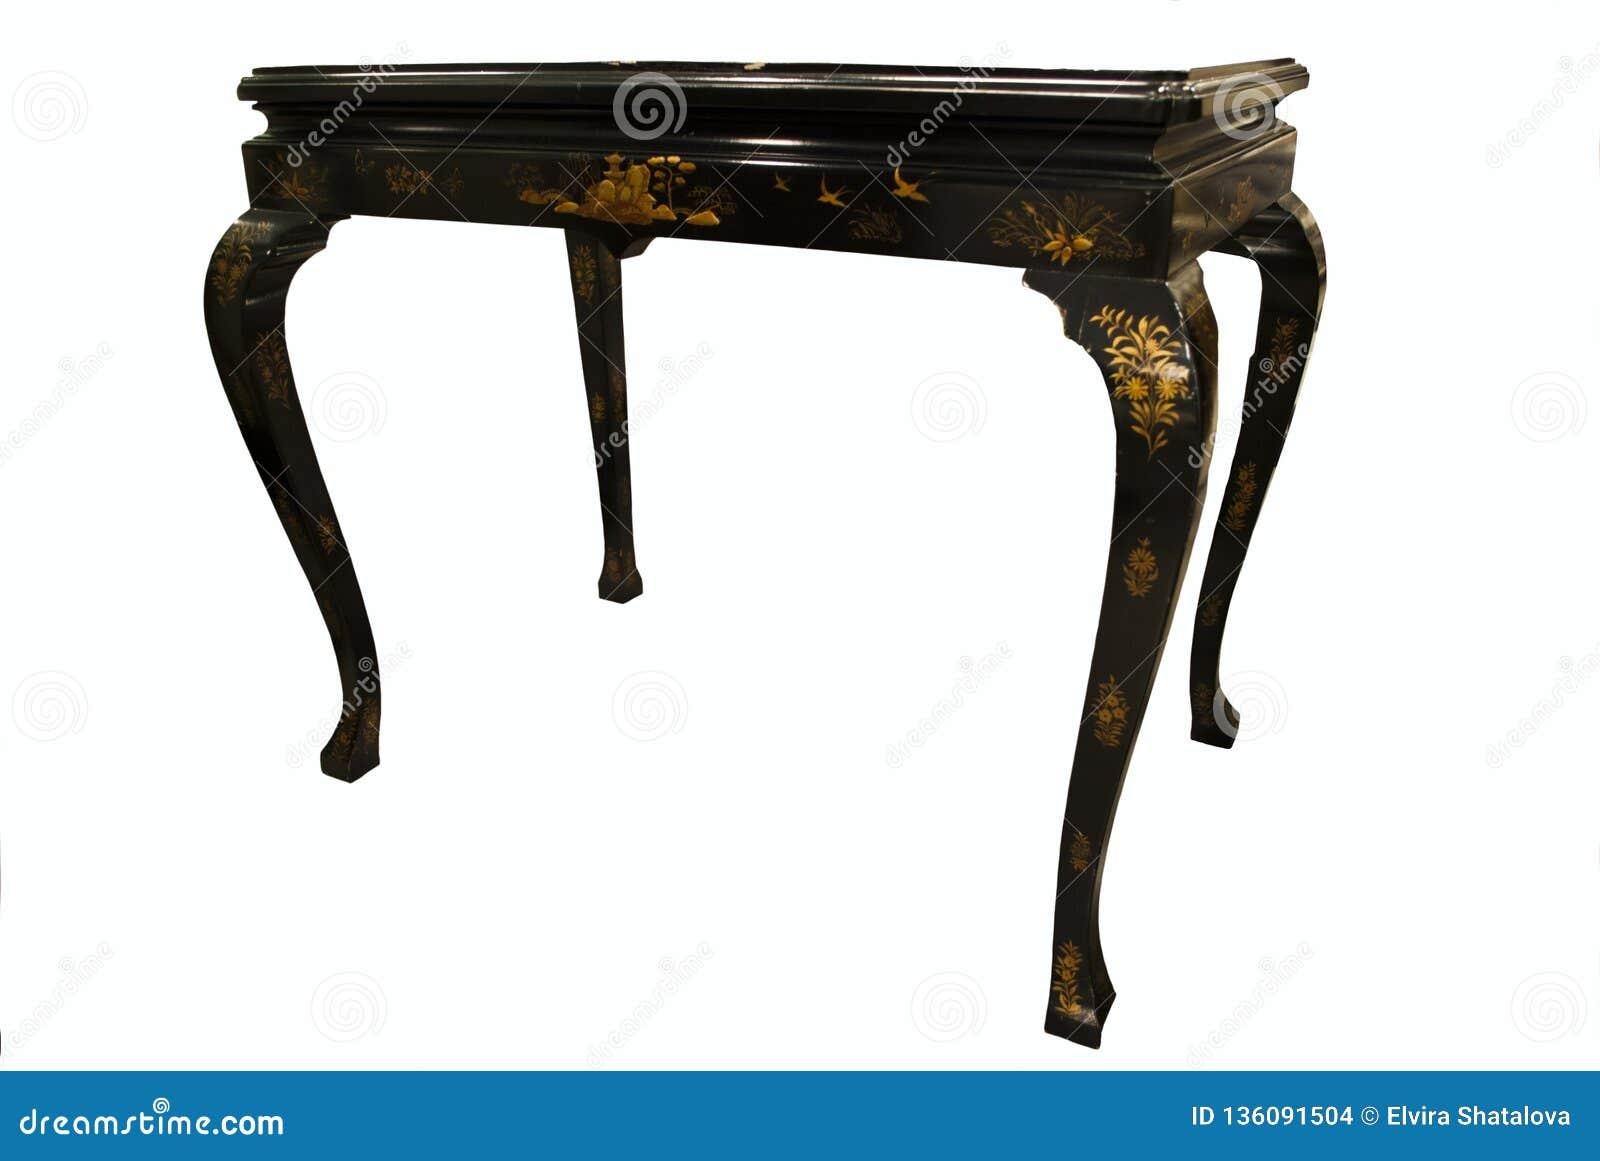 Table de cru d isolement sur le blanc Rétro meuble, brun foncé, avec le laque-travail oriental